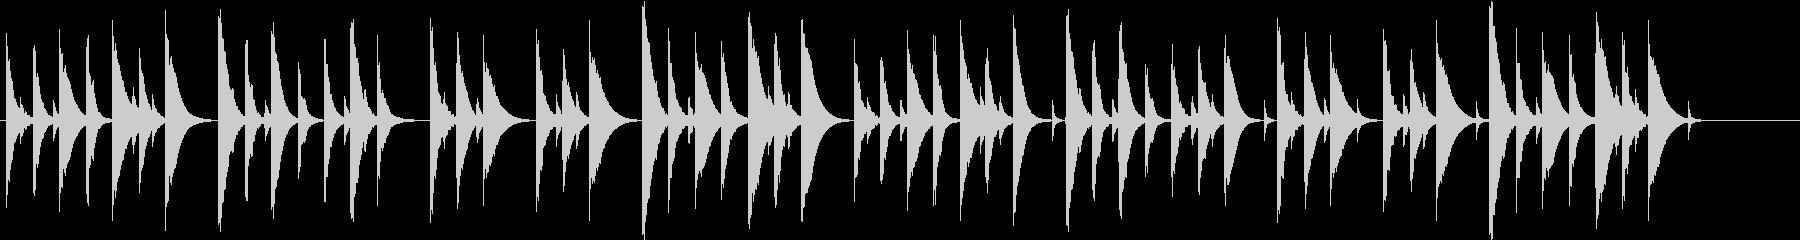 ほのぼのした雰囲気のある木琴の短い曲の未再生の波形